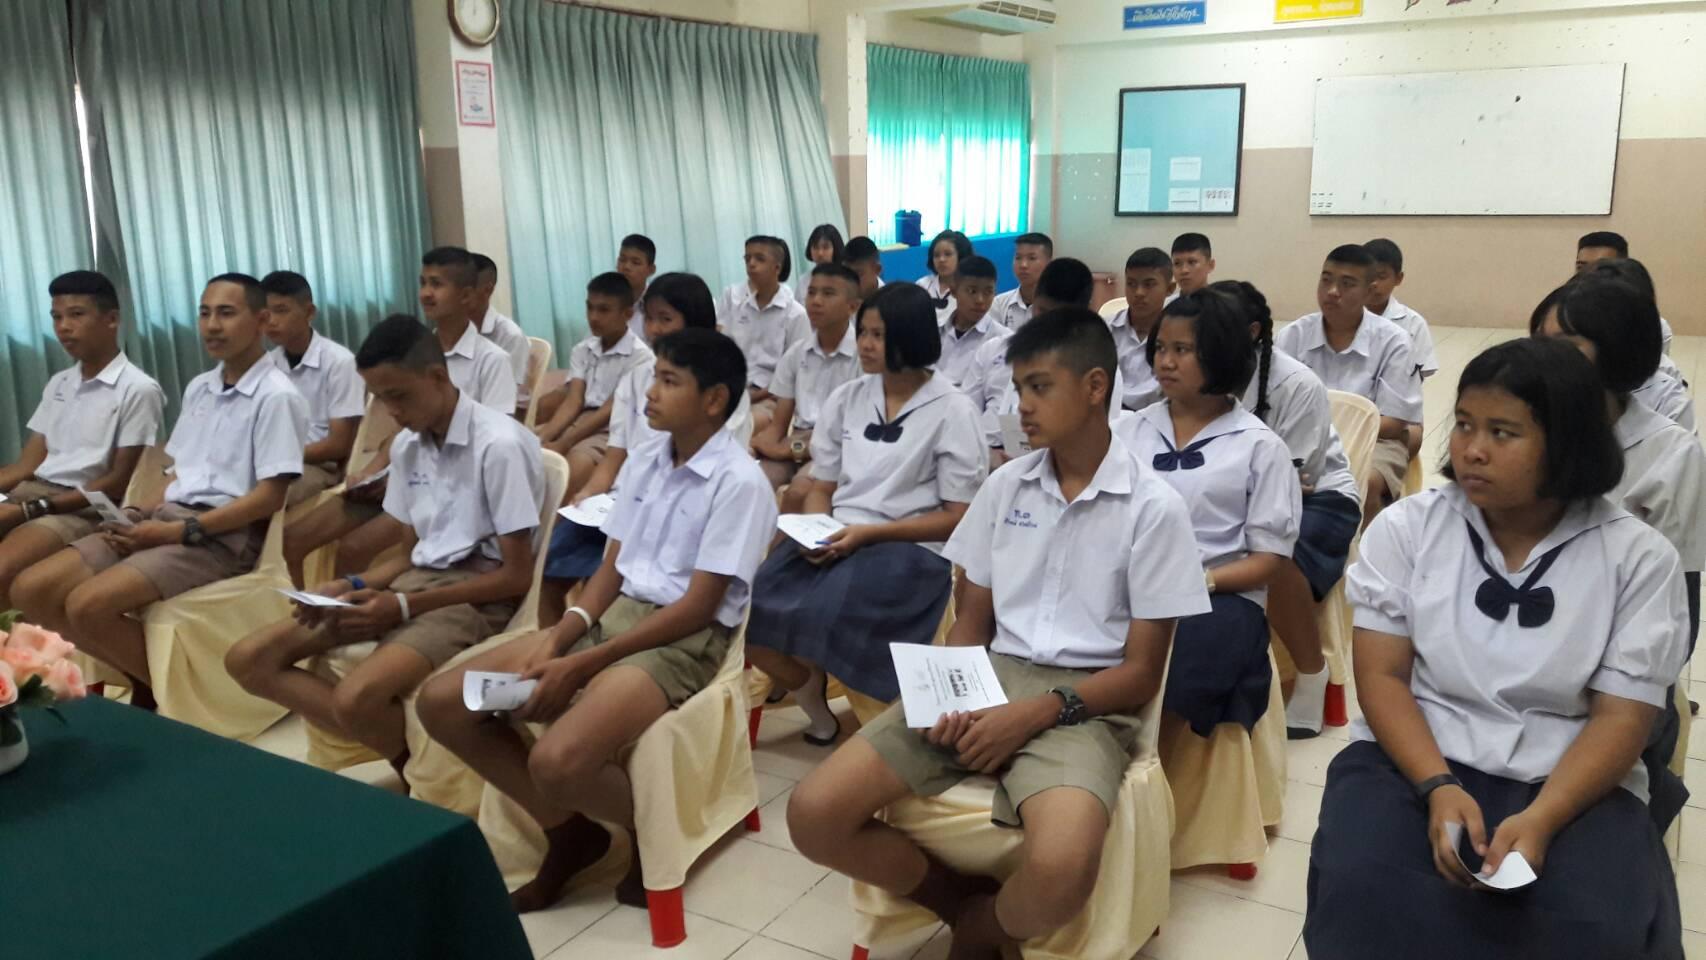 มสด.ออกแนะแนวหลักสูตร Pre-Teacher Program โรงเรียนเทศบาล 3 บ้านต่ำบุญศิริ